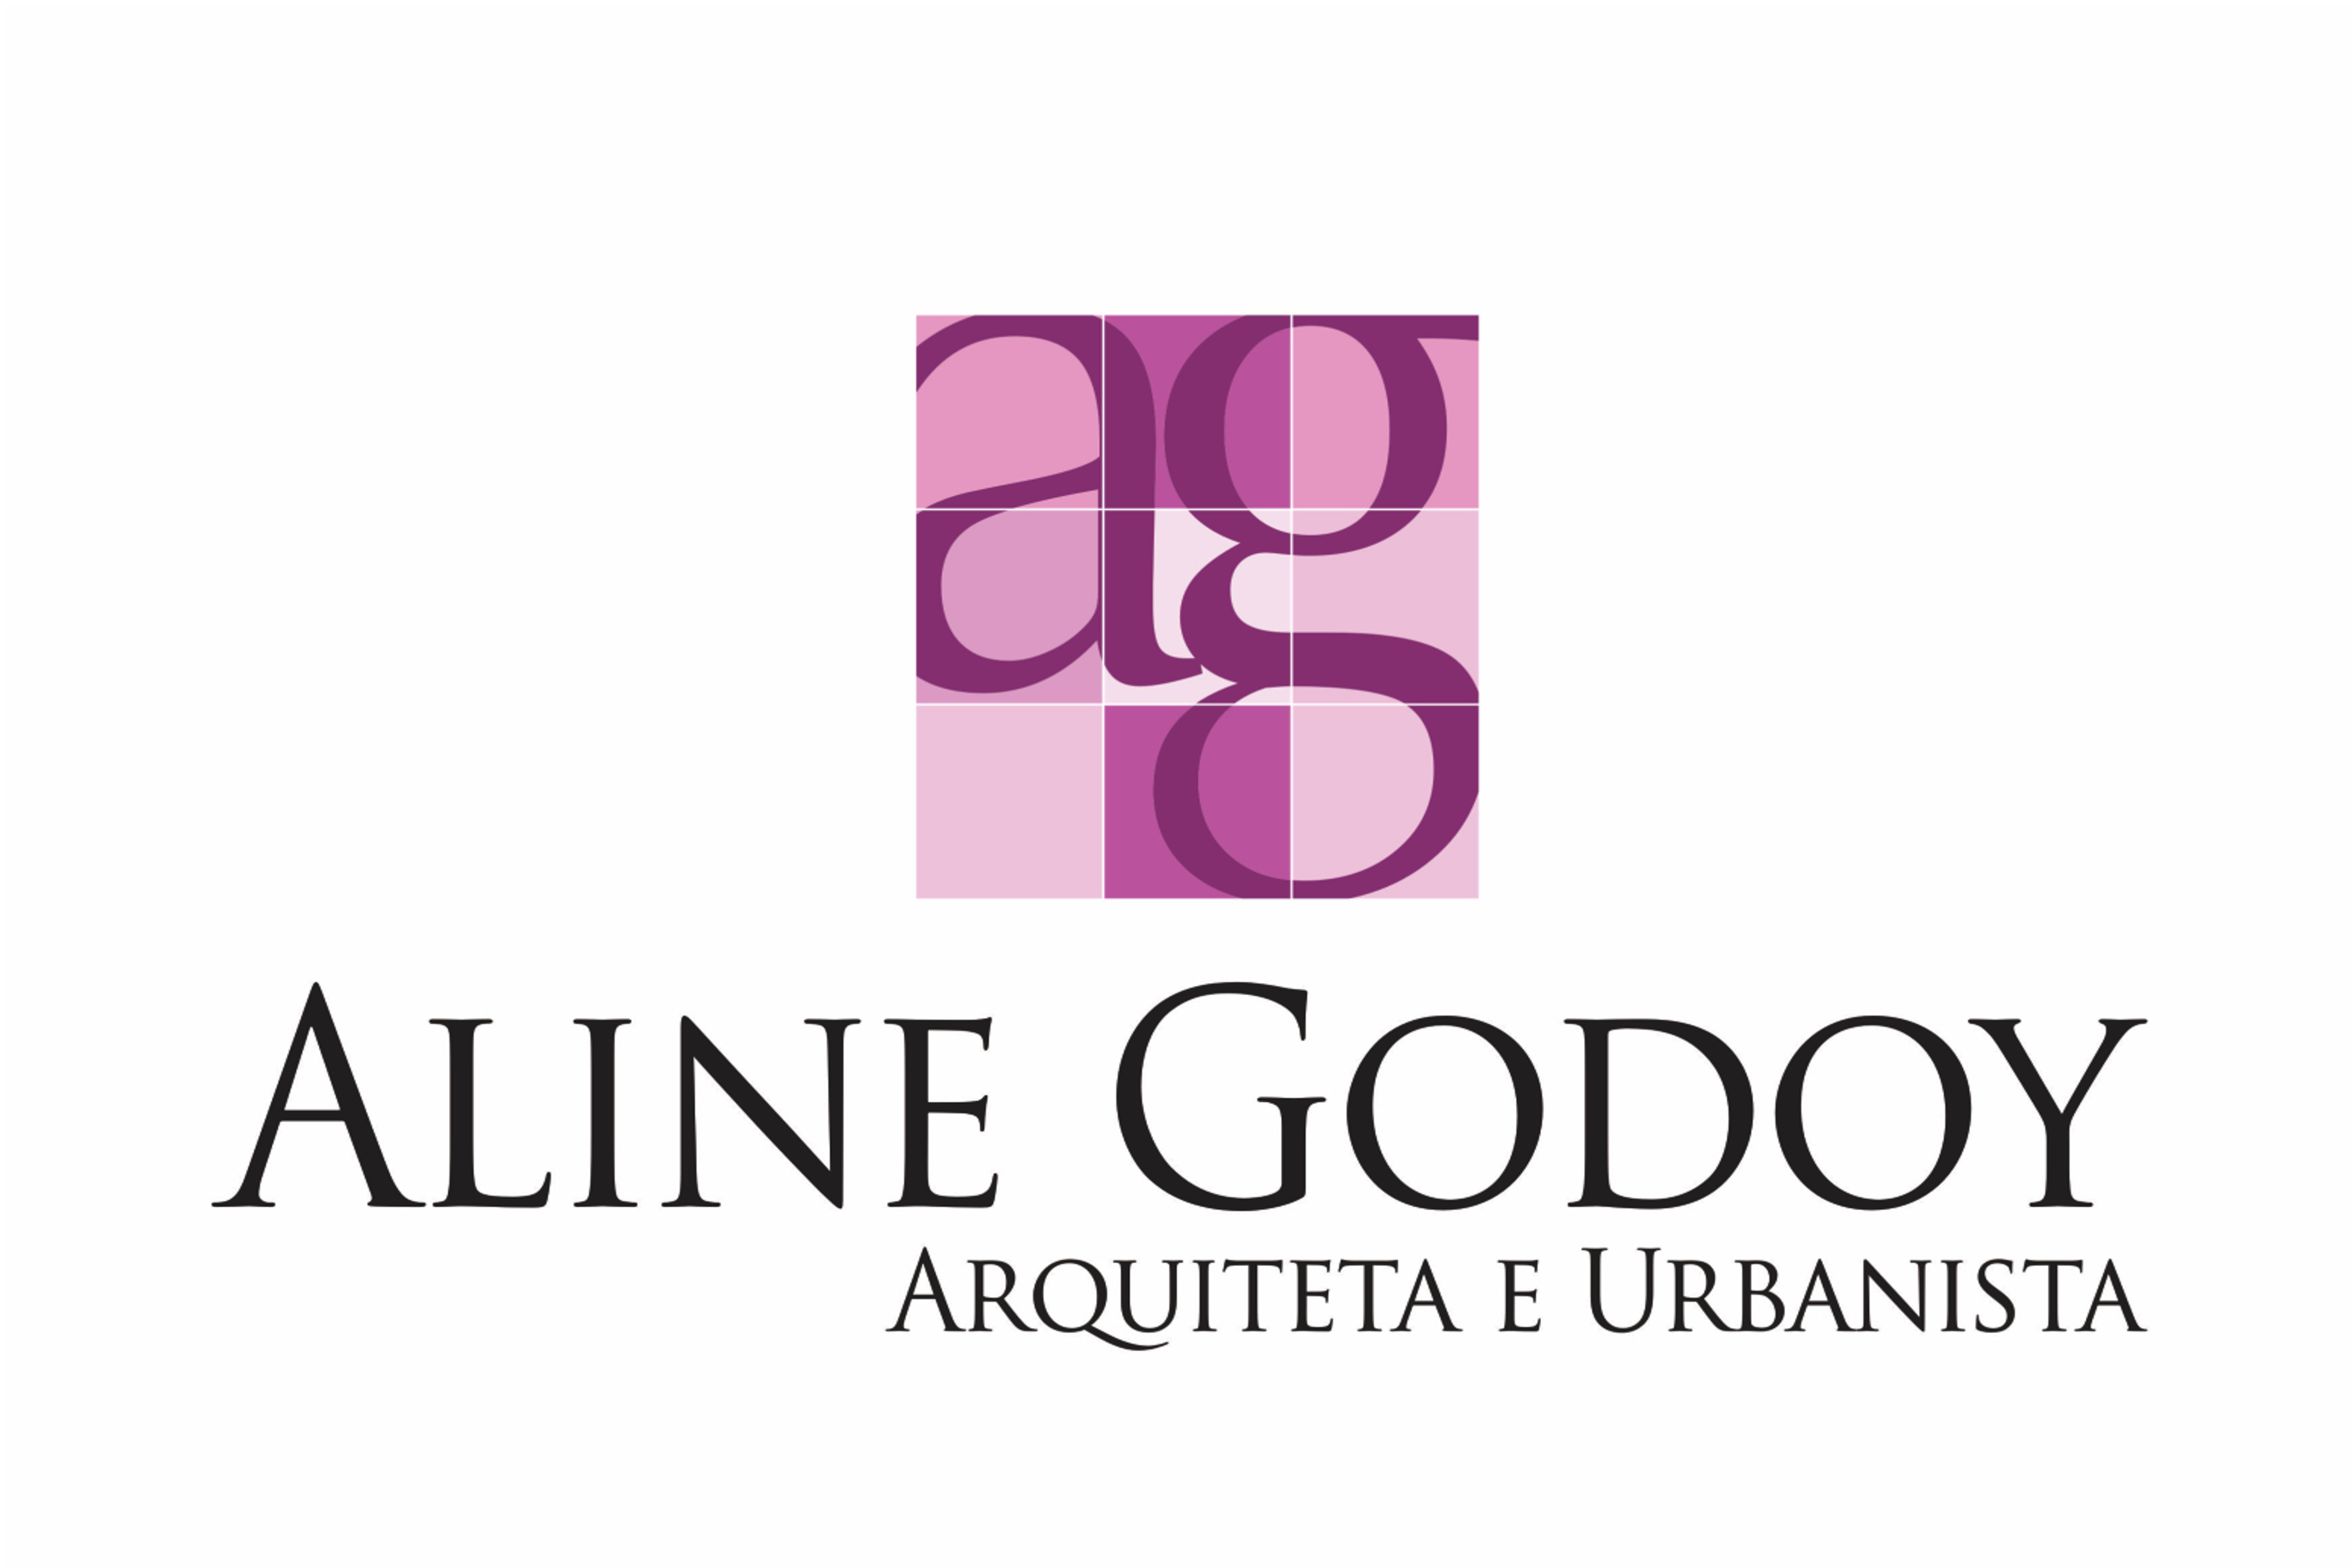 ALINE GODOY - ARQUITETA E URBANISTA